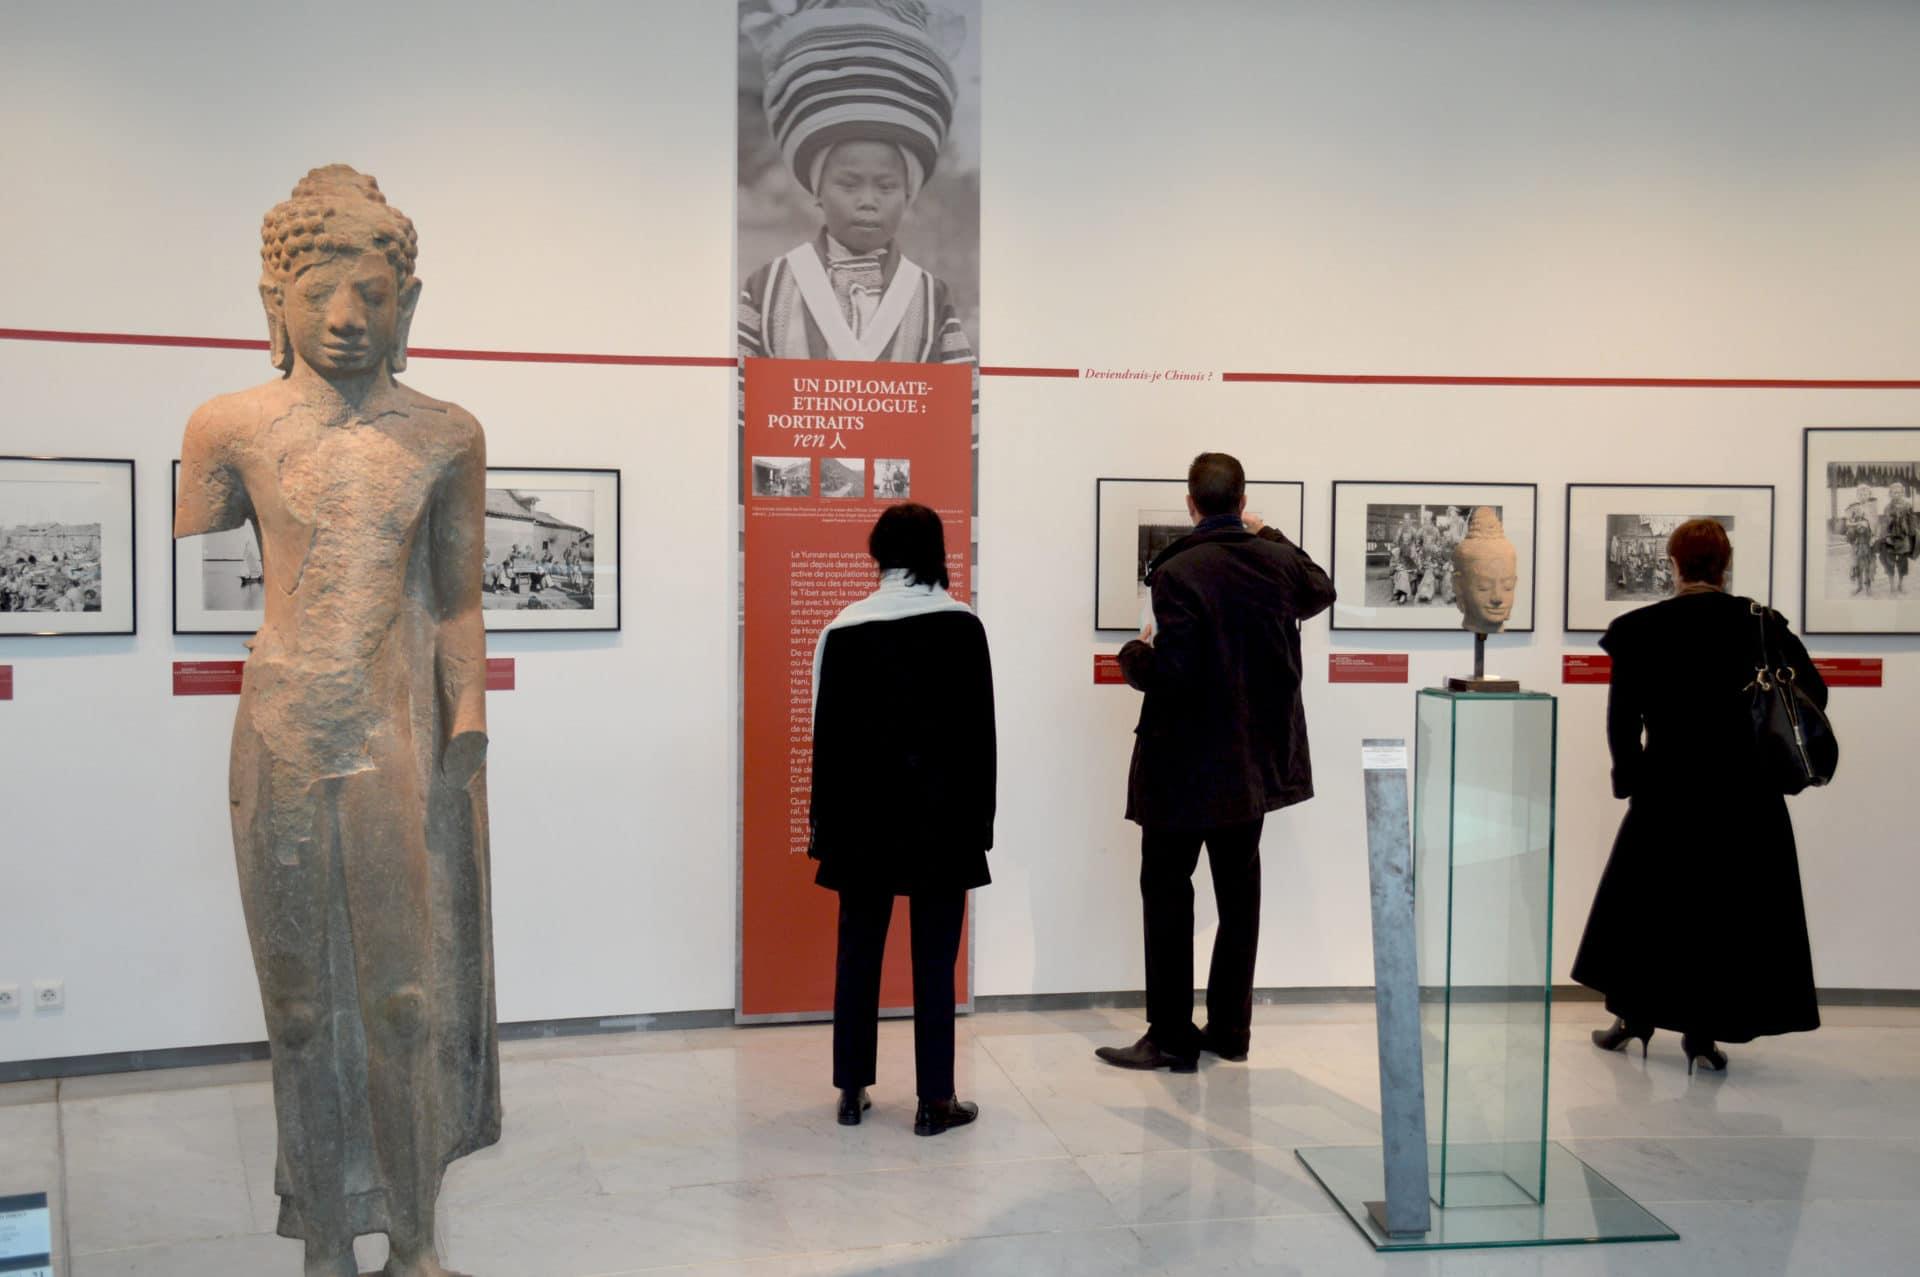 Musée des Arts Asiatiques - CRT Côte d'Azur France